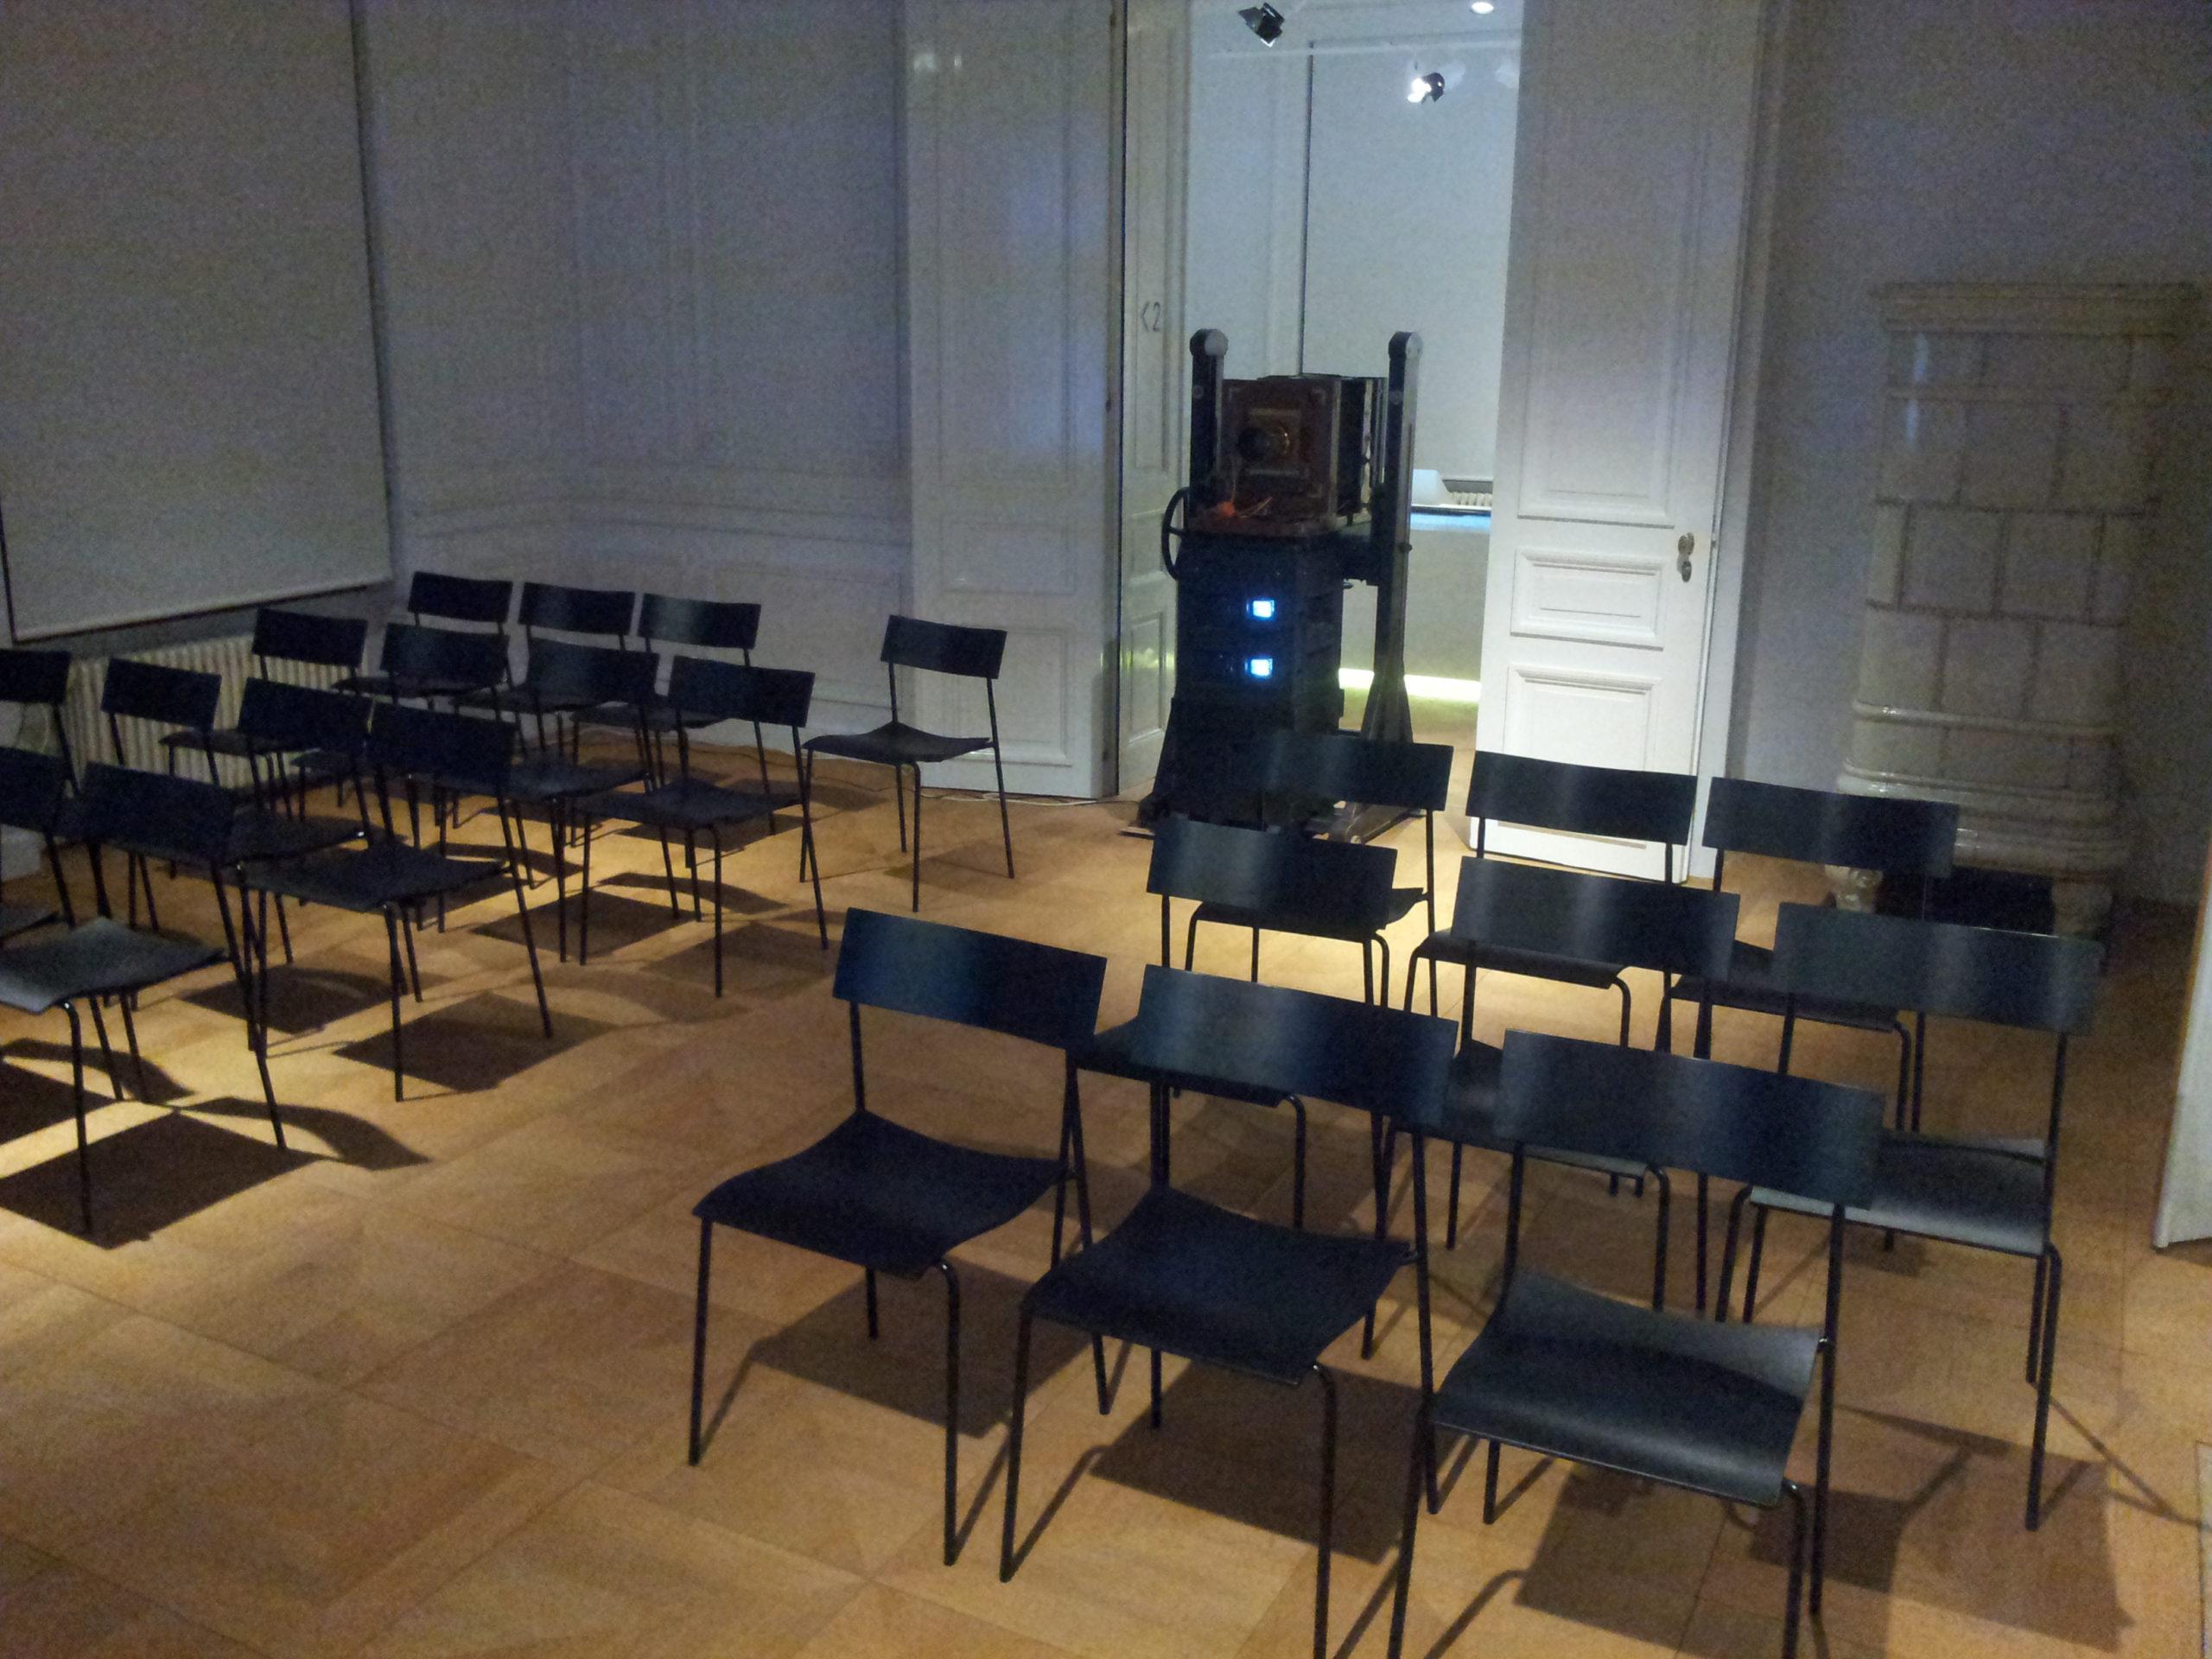 Système de projection polarisée intégré dans ancien appareil de studio